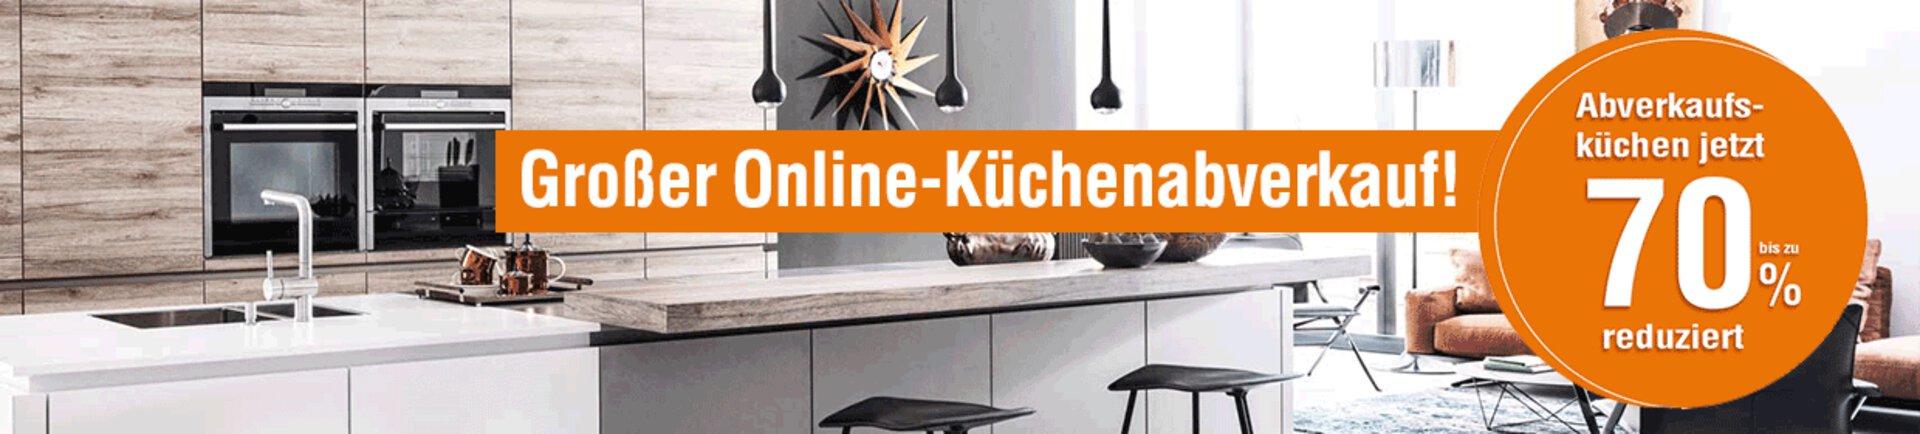 abverkauf küchen sale möbel inhofer